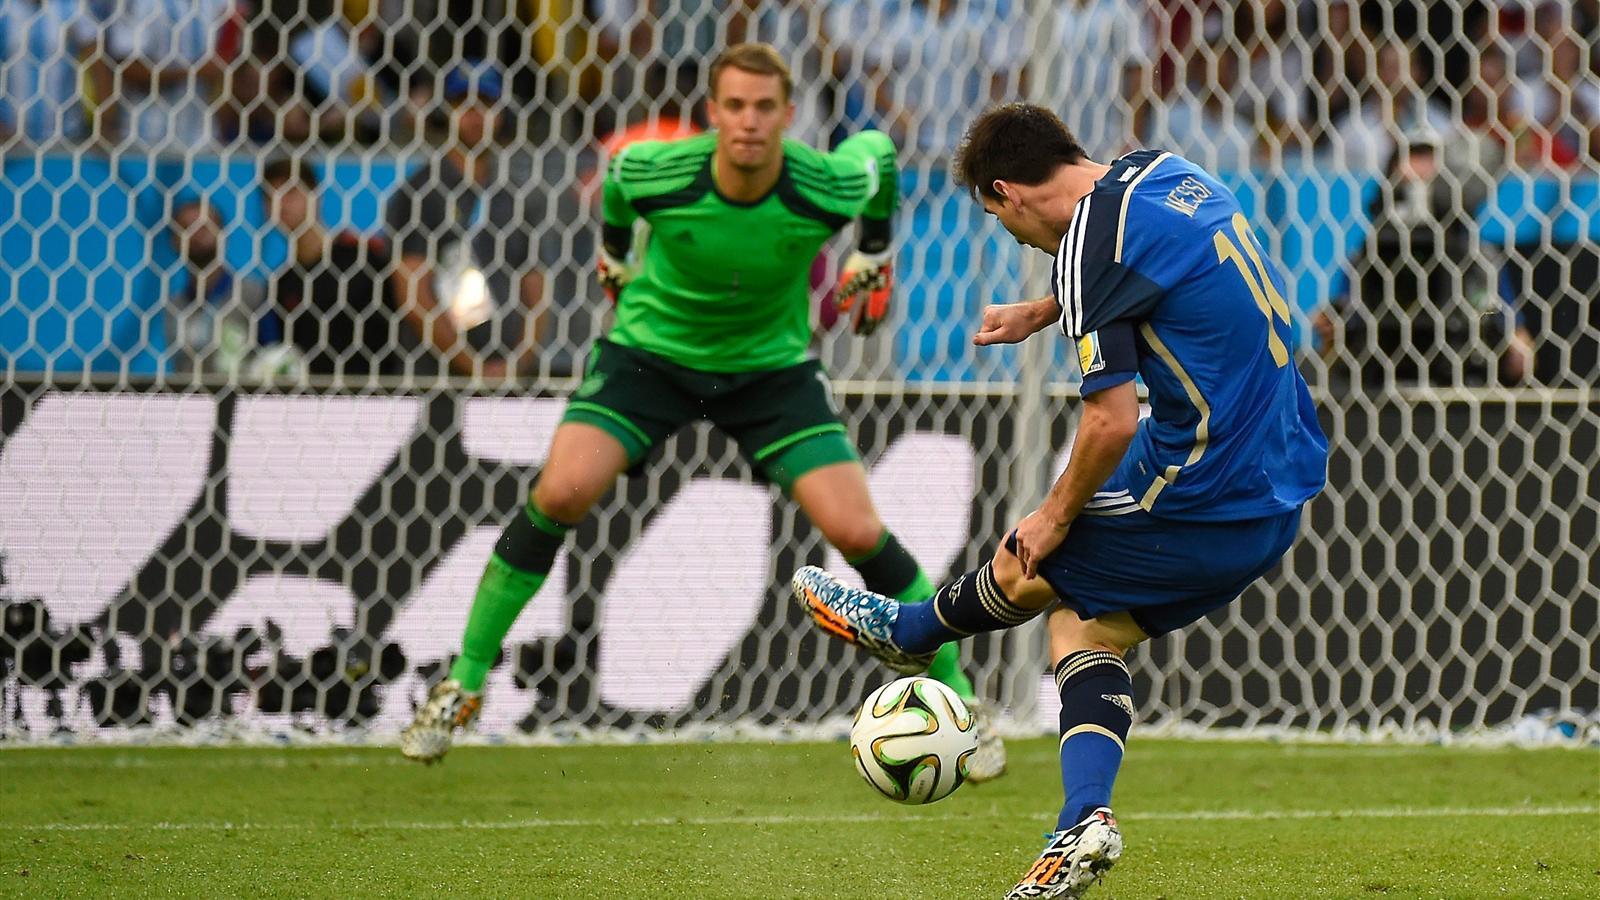 Lionel Messi face à Manuel Neuer lors de la finale Allemagne - Argentine du Mondial 2014.